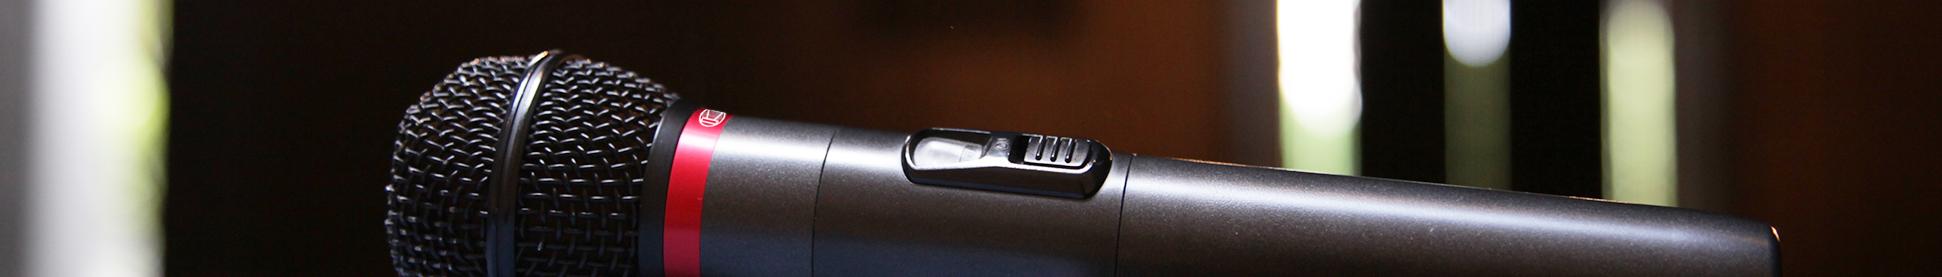 micro sans fil rondson